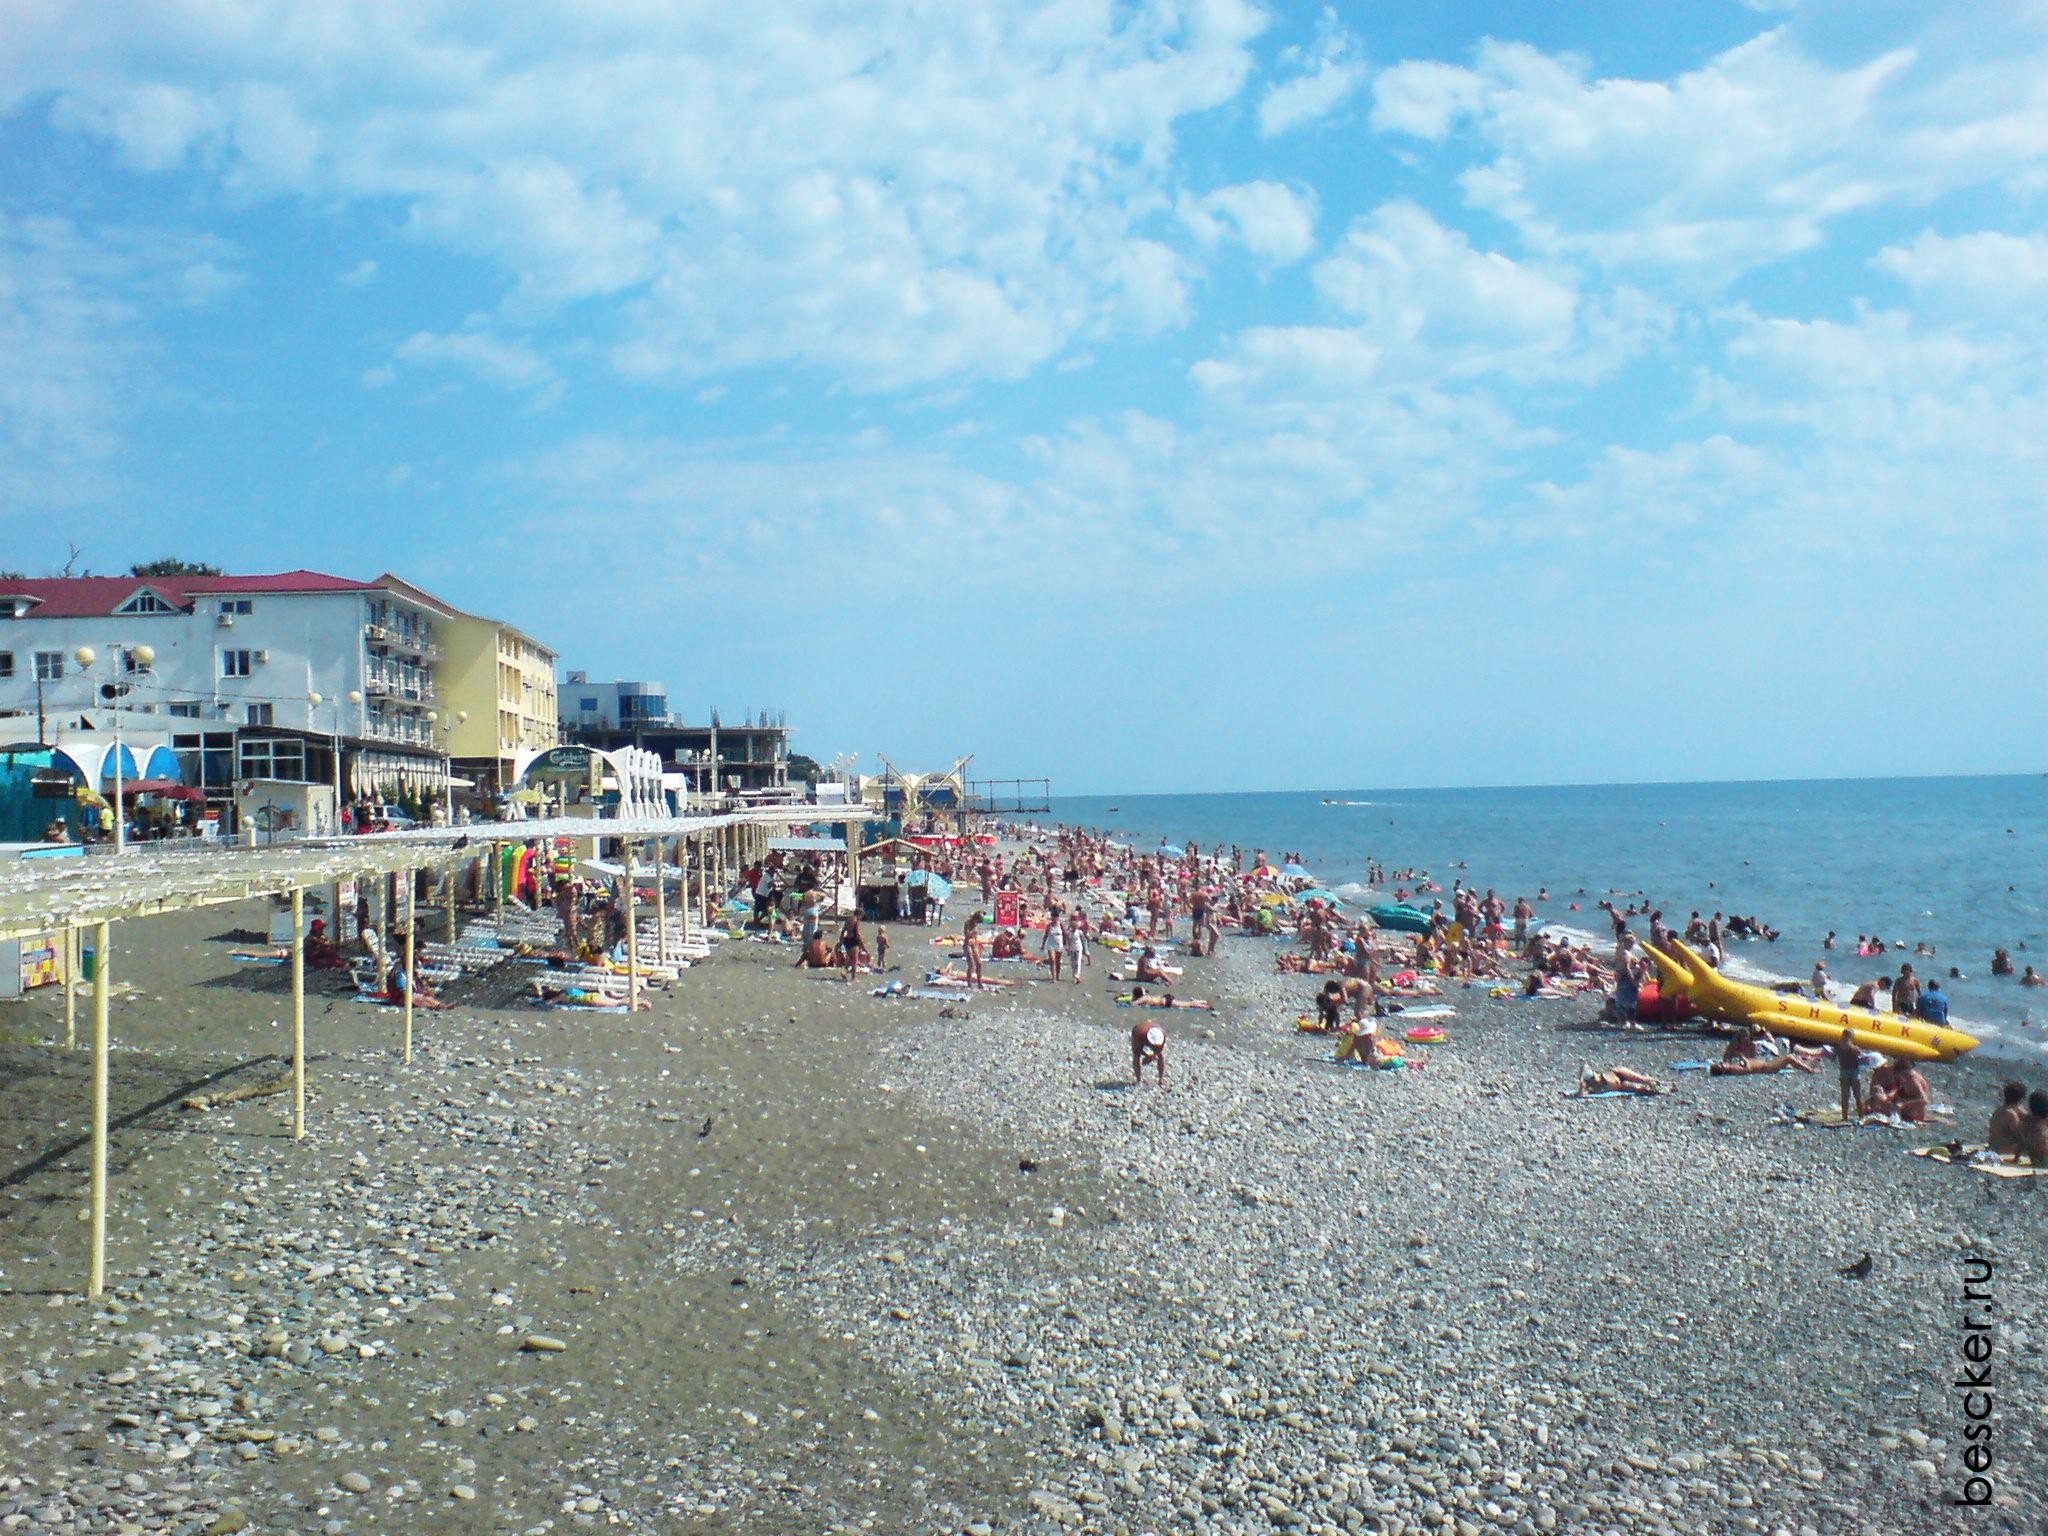 Пляж огонек адлер. фото